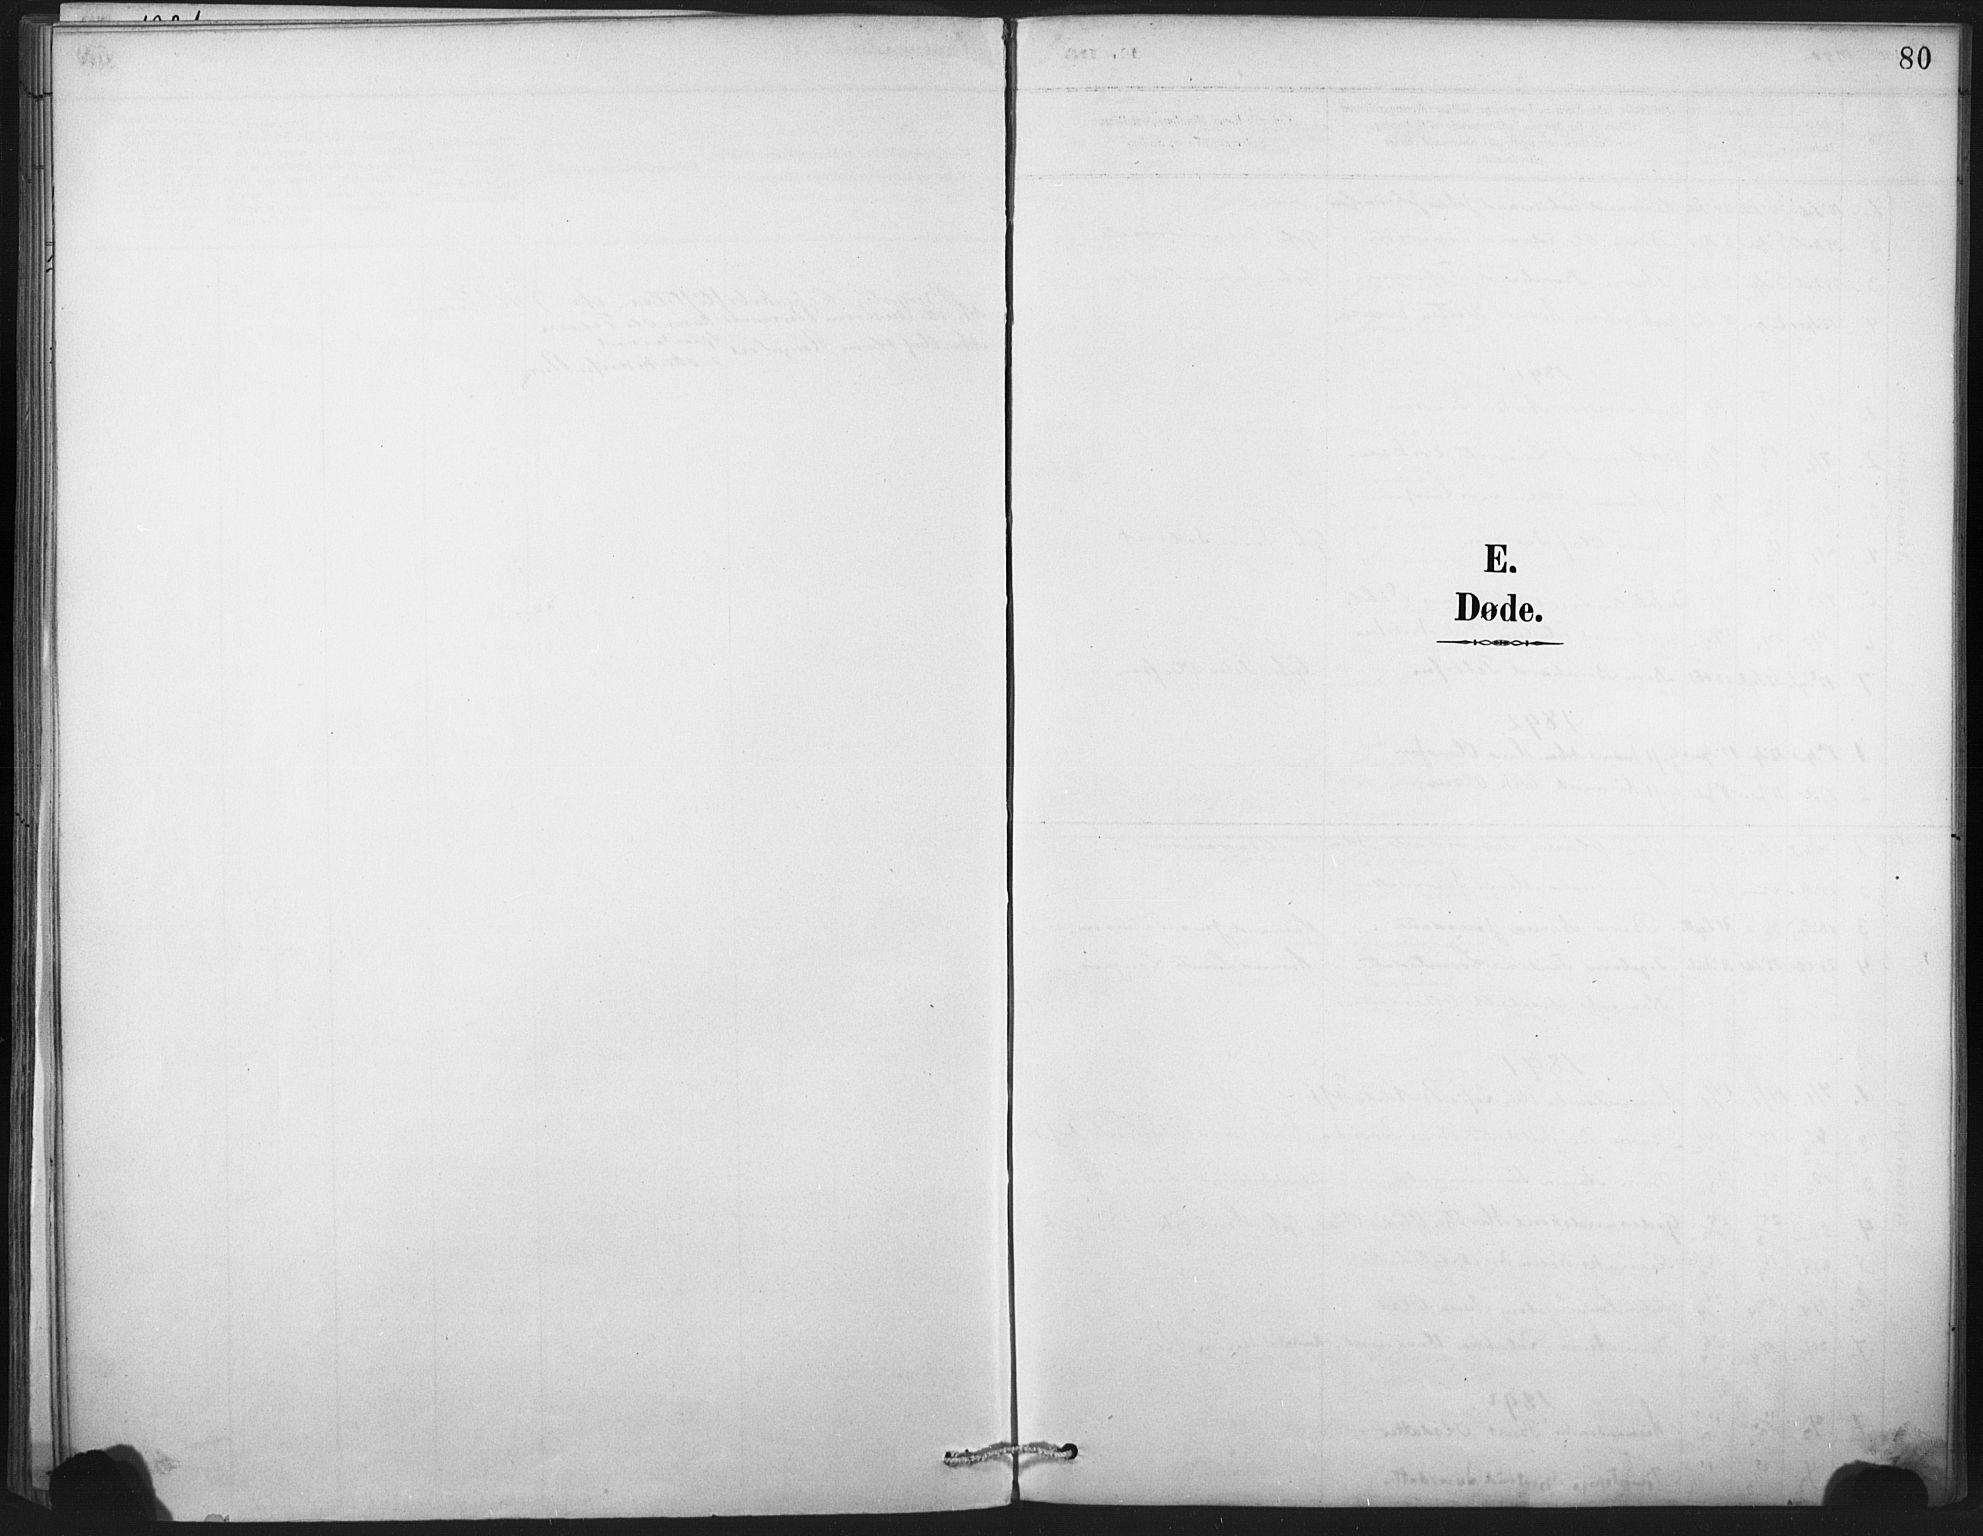 SAT, Ministerialprotokoller, klokkerbøker og fødselsregistre - Nord-Trøndelag, 718/L0175: Parish register (official) no. 718A01, 1890-1923, p. 80